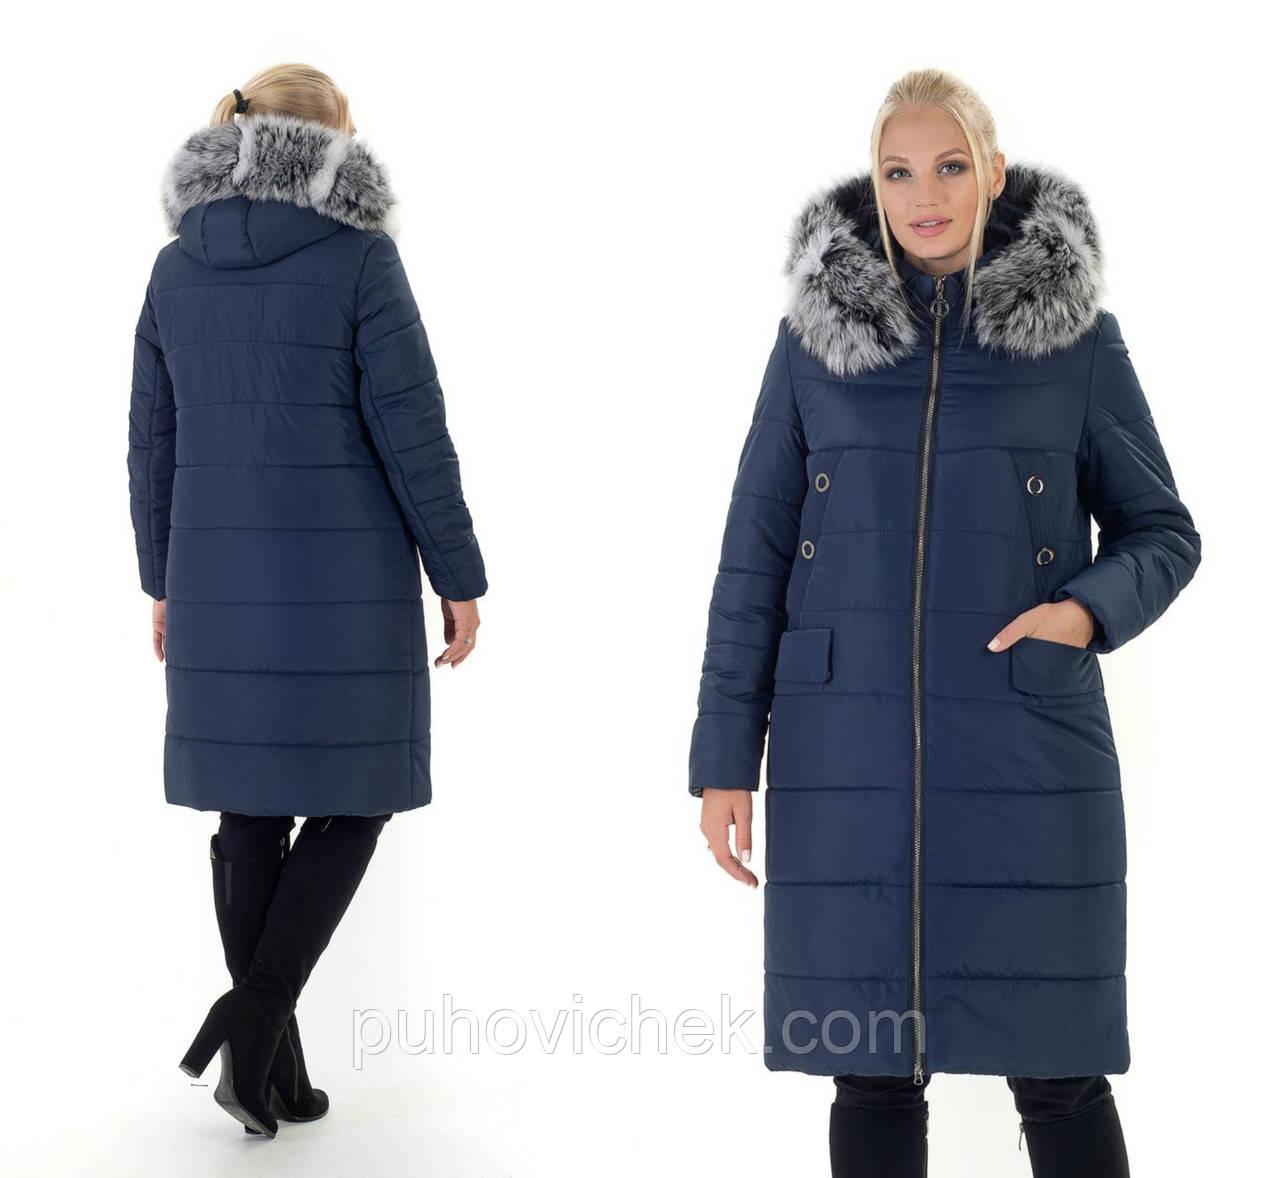 Зимова жіноча куртка напівпальто з капюшоном